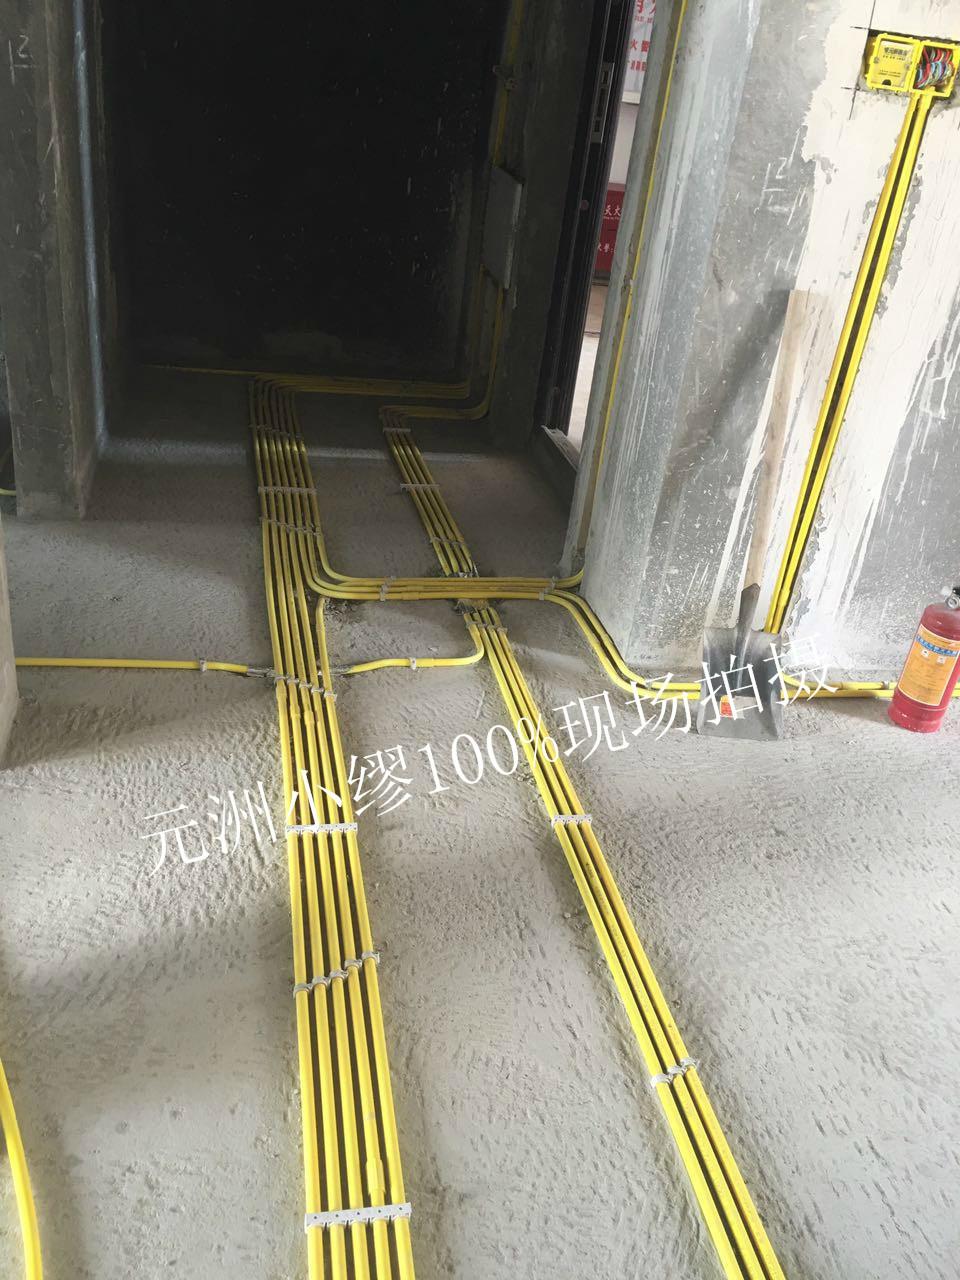 下图是餐厅电路改造 下图是主卧室电路改造 下图是厨房电路改造及